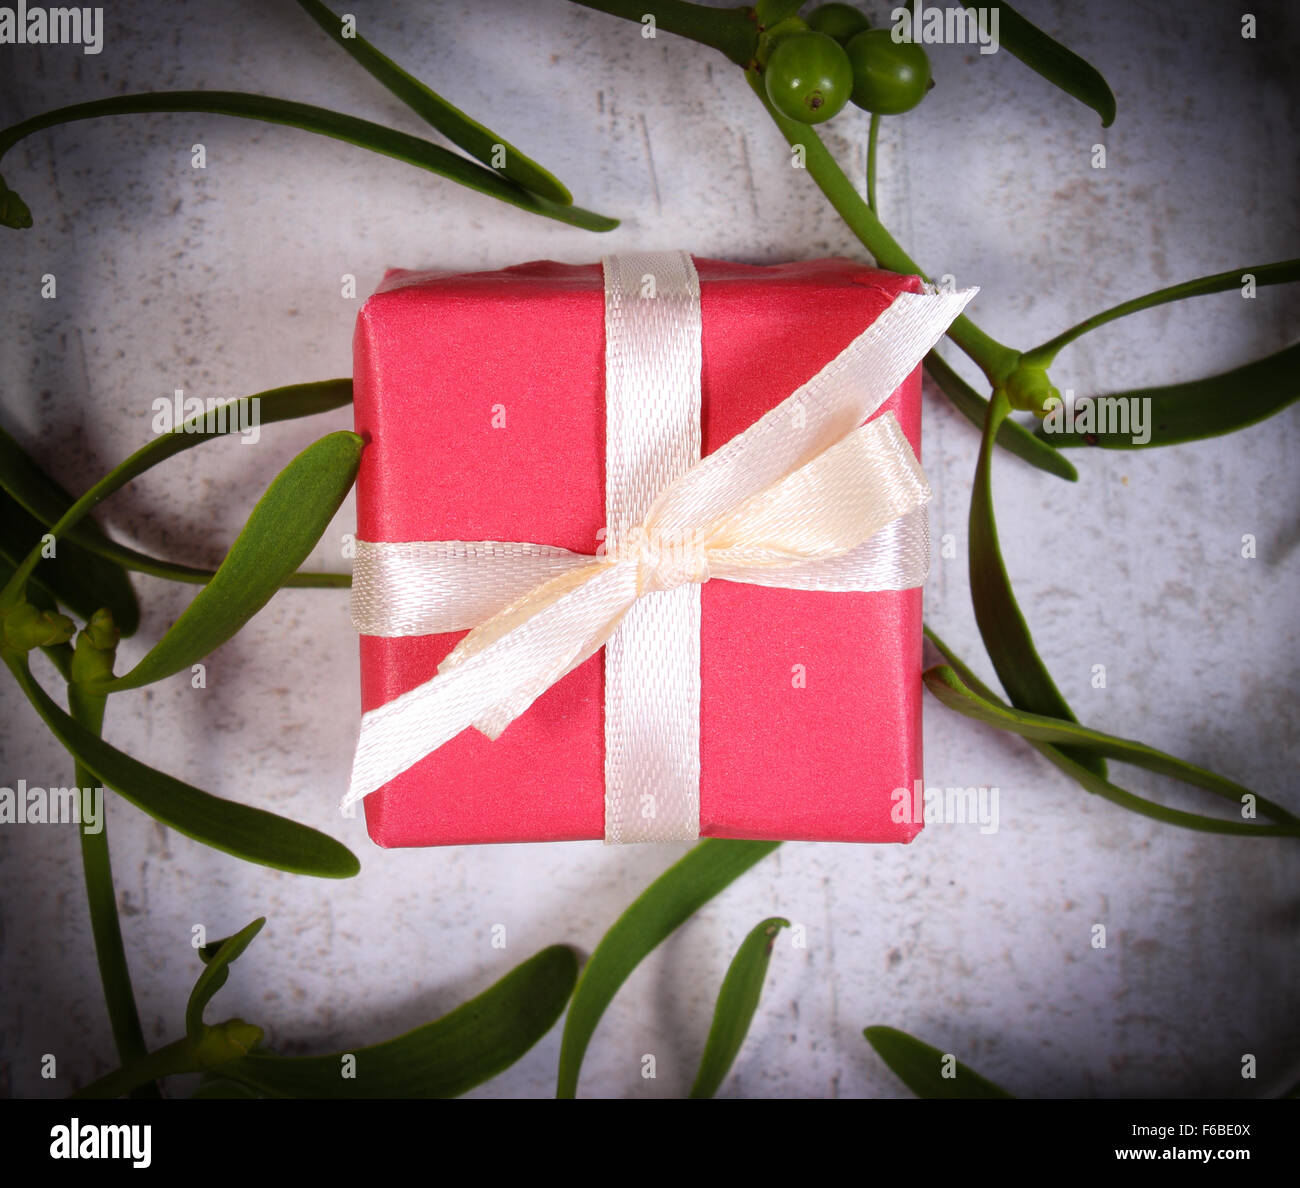 Rosso avvolto regalo per Natale o altra celebrazione e il ramo di vischio verde sul vecchio sfondo di legno Immagini Stock